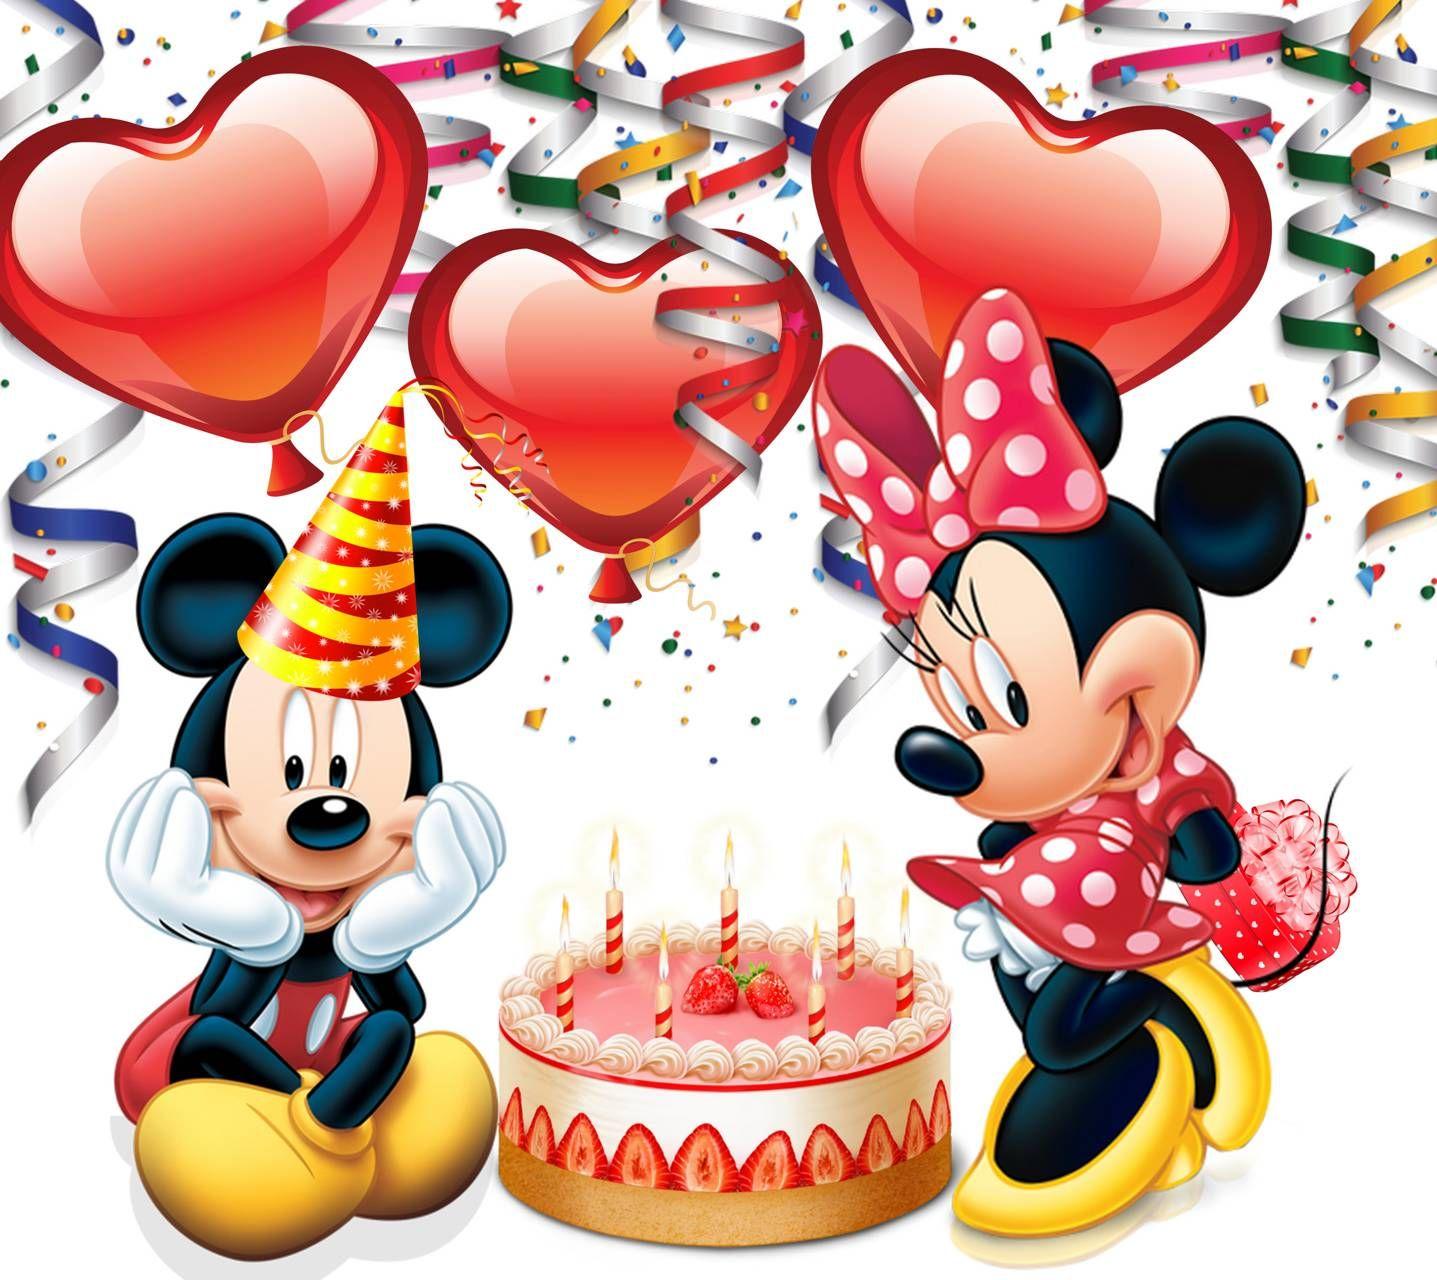 2160x1920px Alles Gute Zum Geburtstag Disney Disney Geburtstag